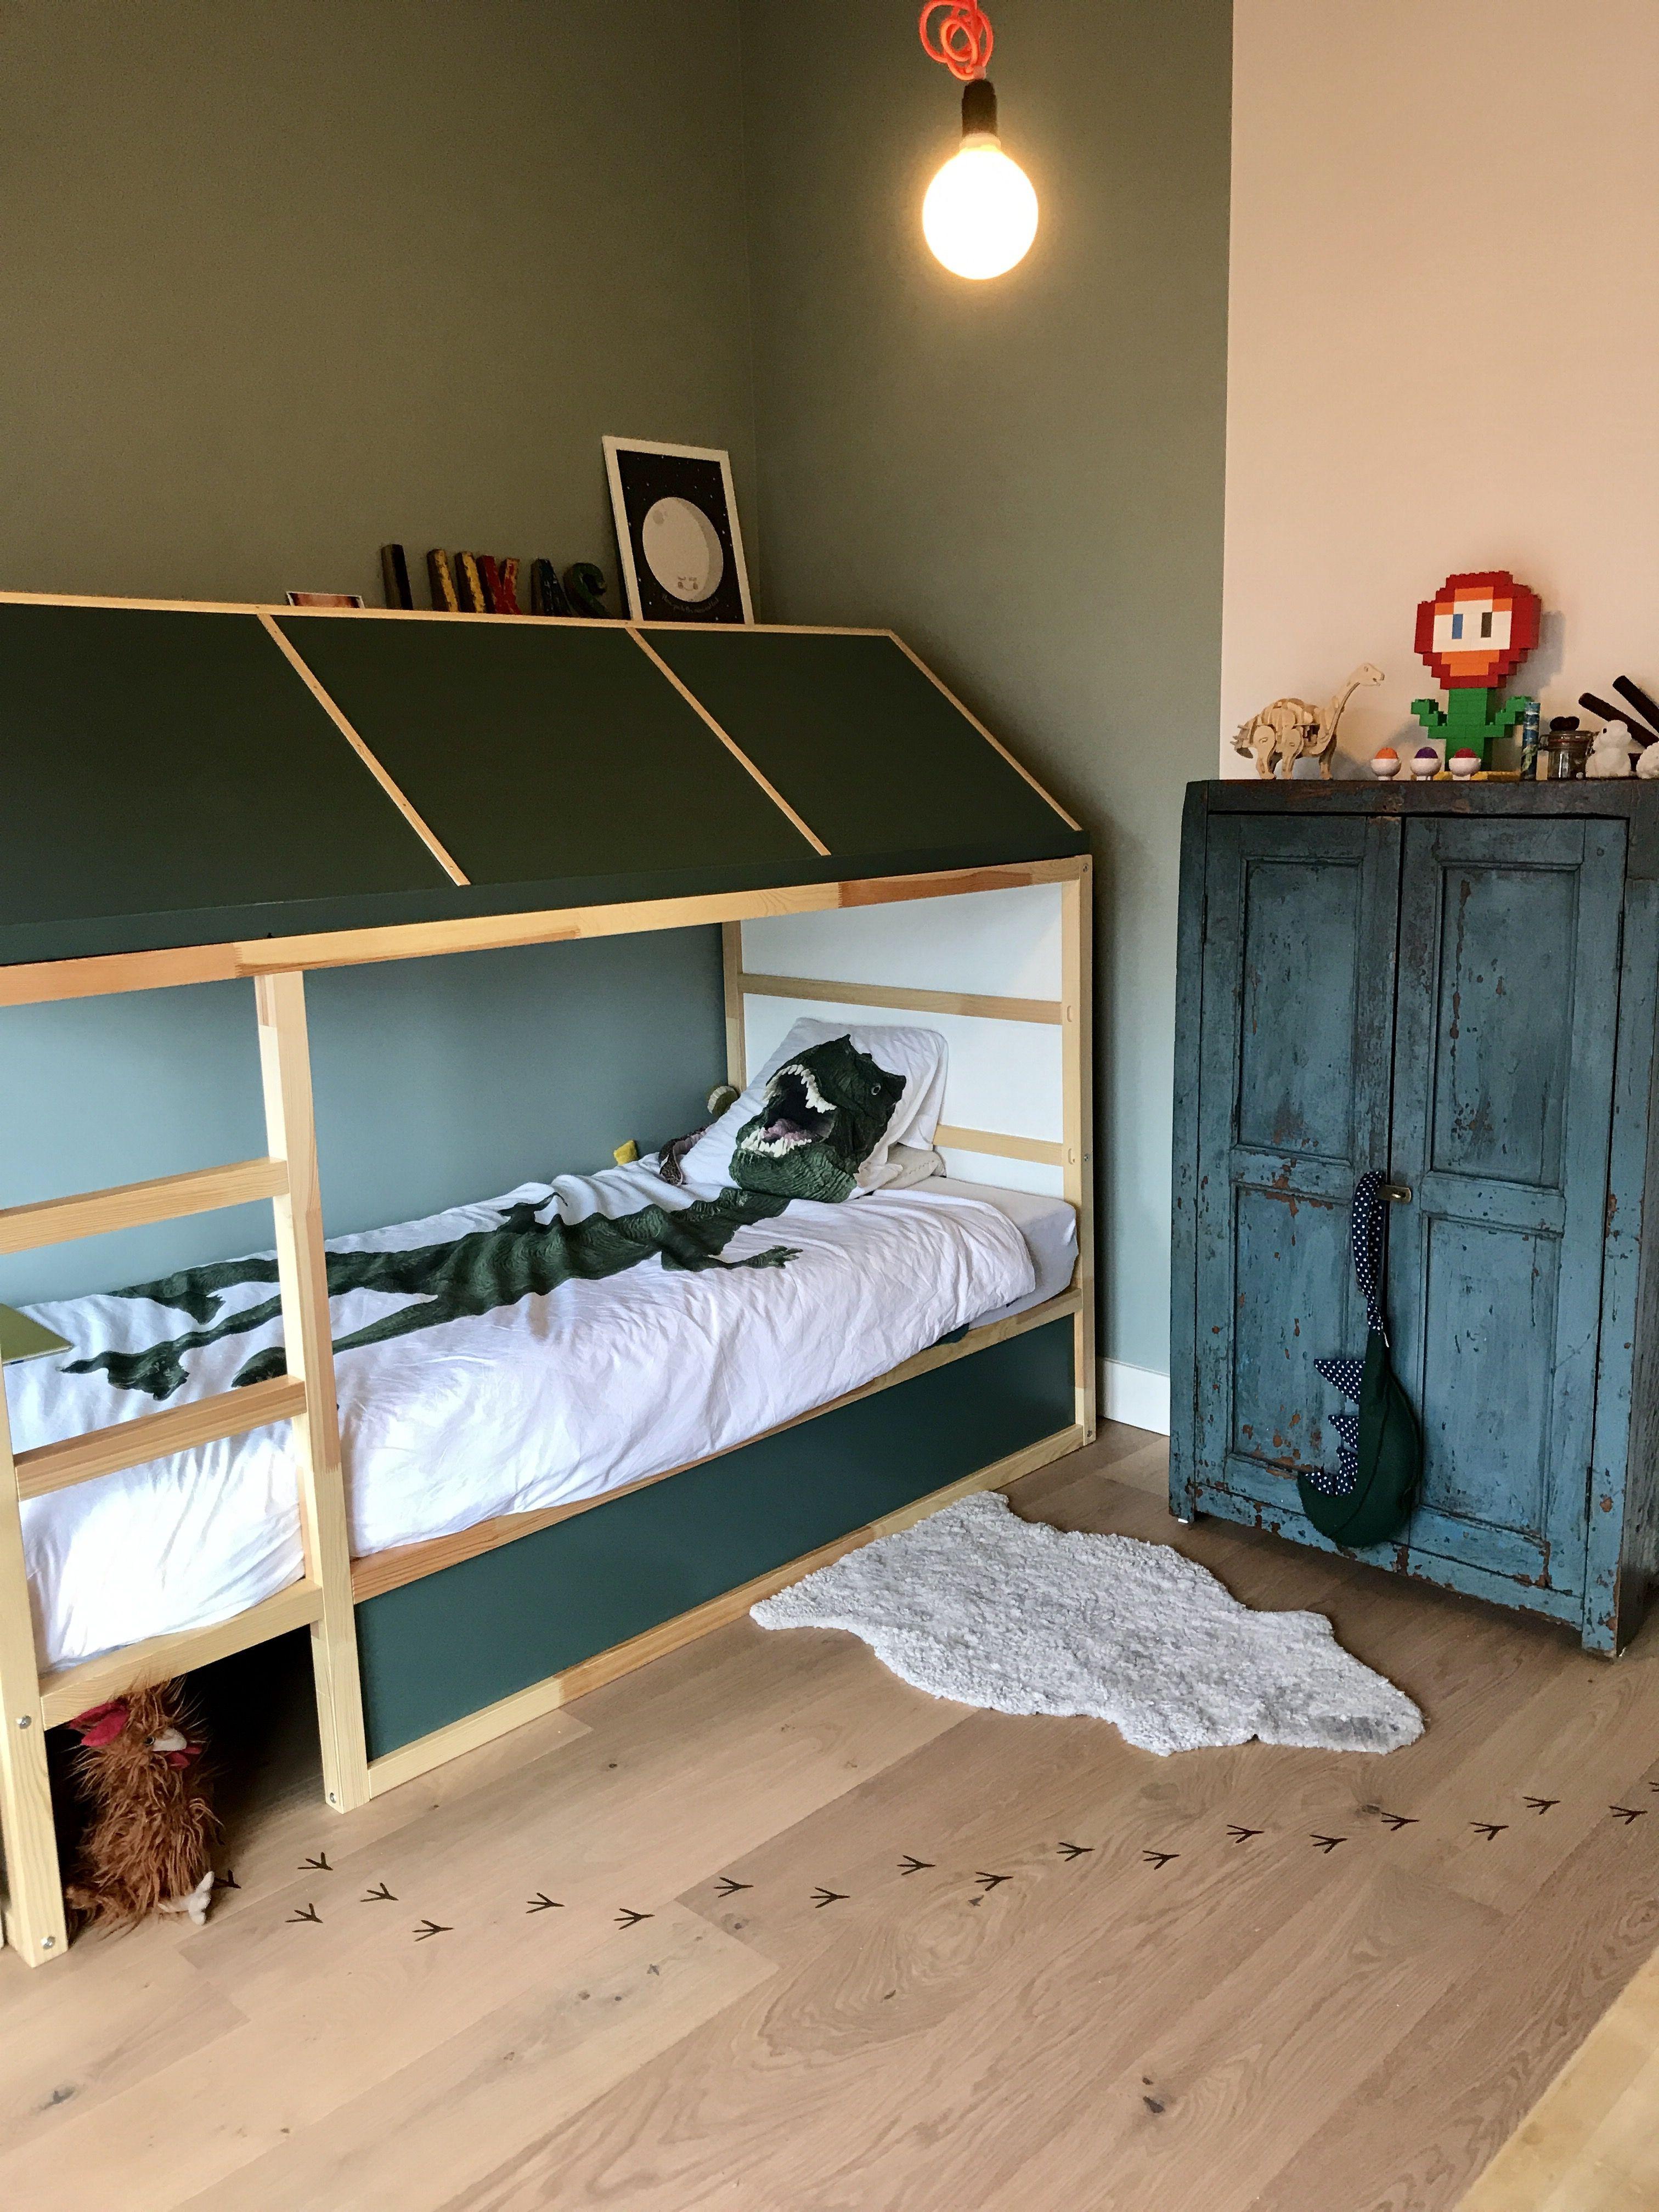 Ikea kura hack kippenhok bed For the Home Pinterest